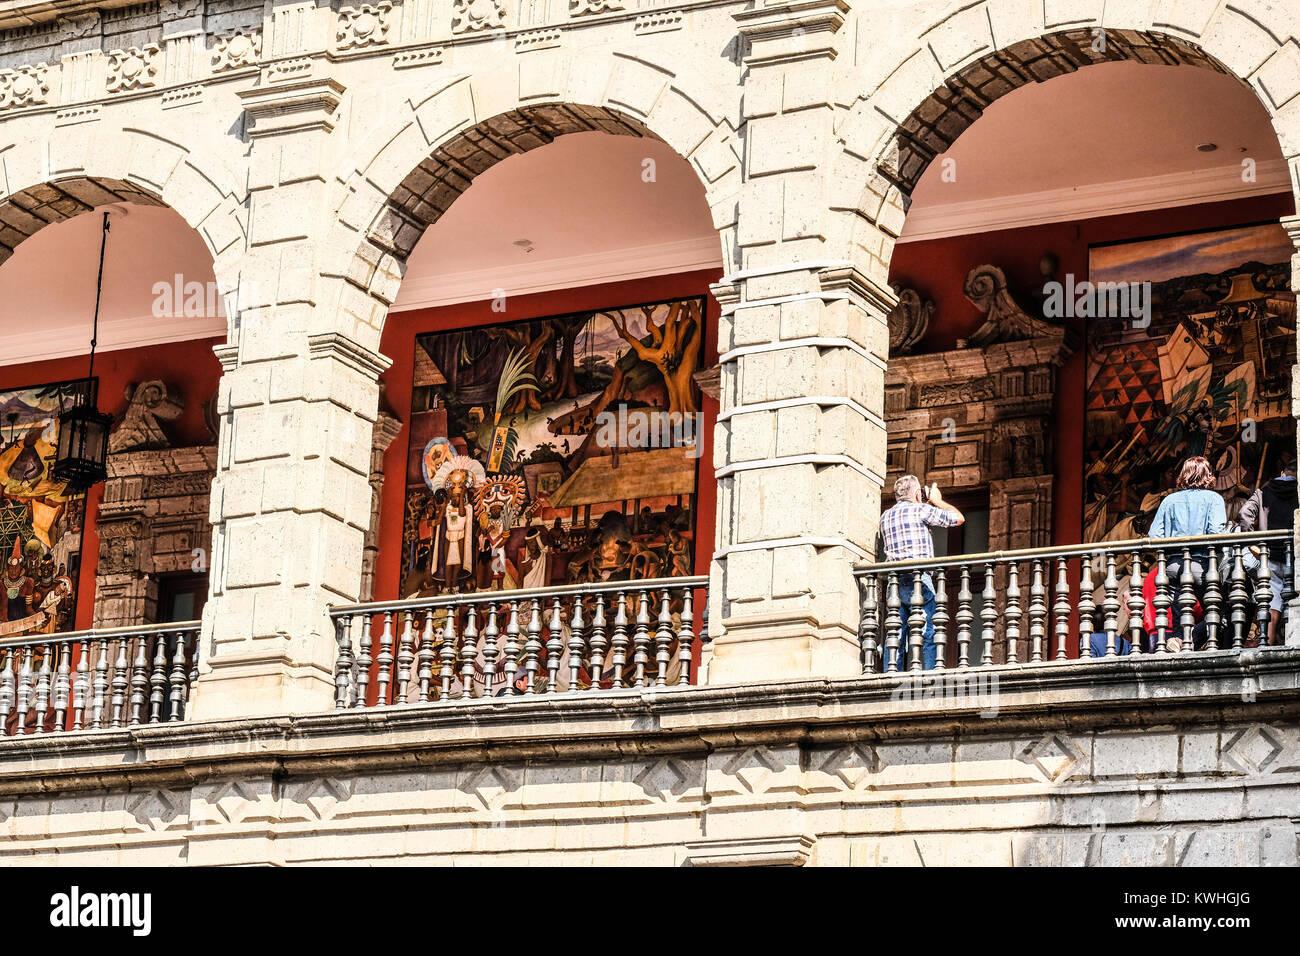 Touristen Anzeigen von Diego Rivera's Wandgemälde an der Mexico Plaza de la Consitucion Stockbild